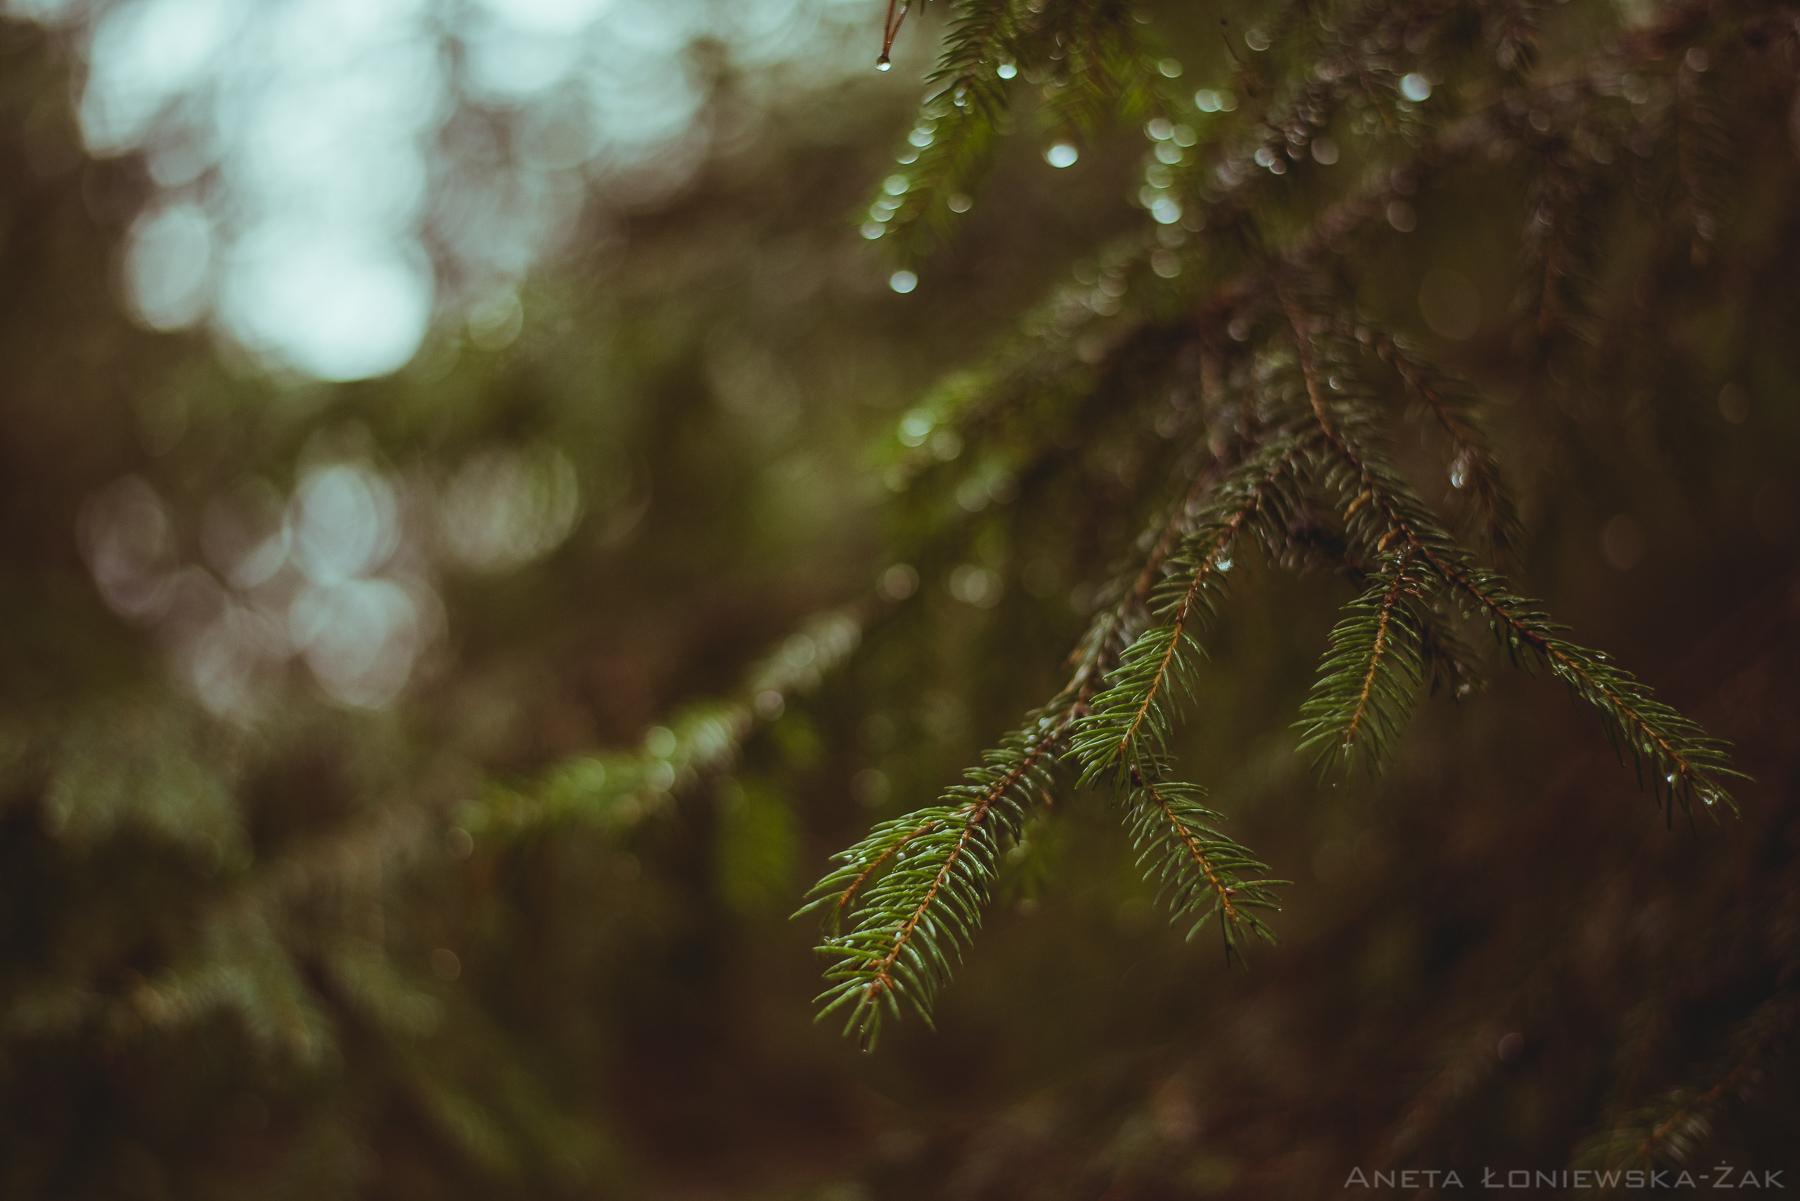 fotografia przyrodnicza, puszcza knyszyńska, podlasie, pkpk, nadleśnictwo dojlidy, świerk